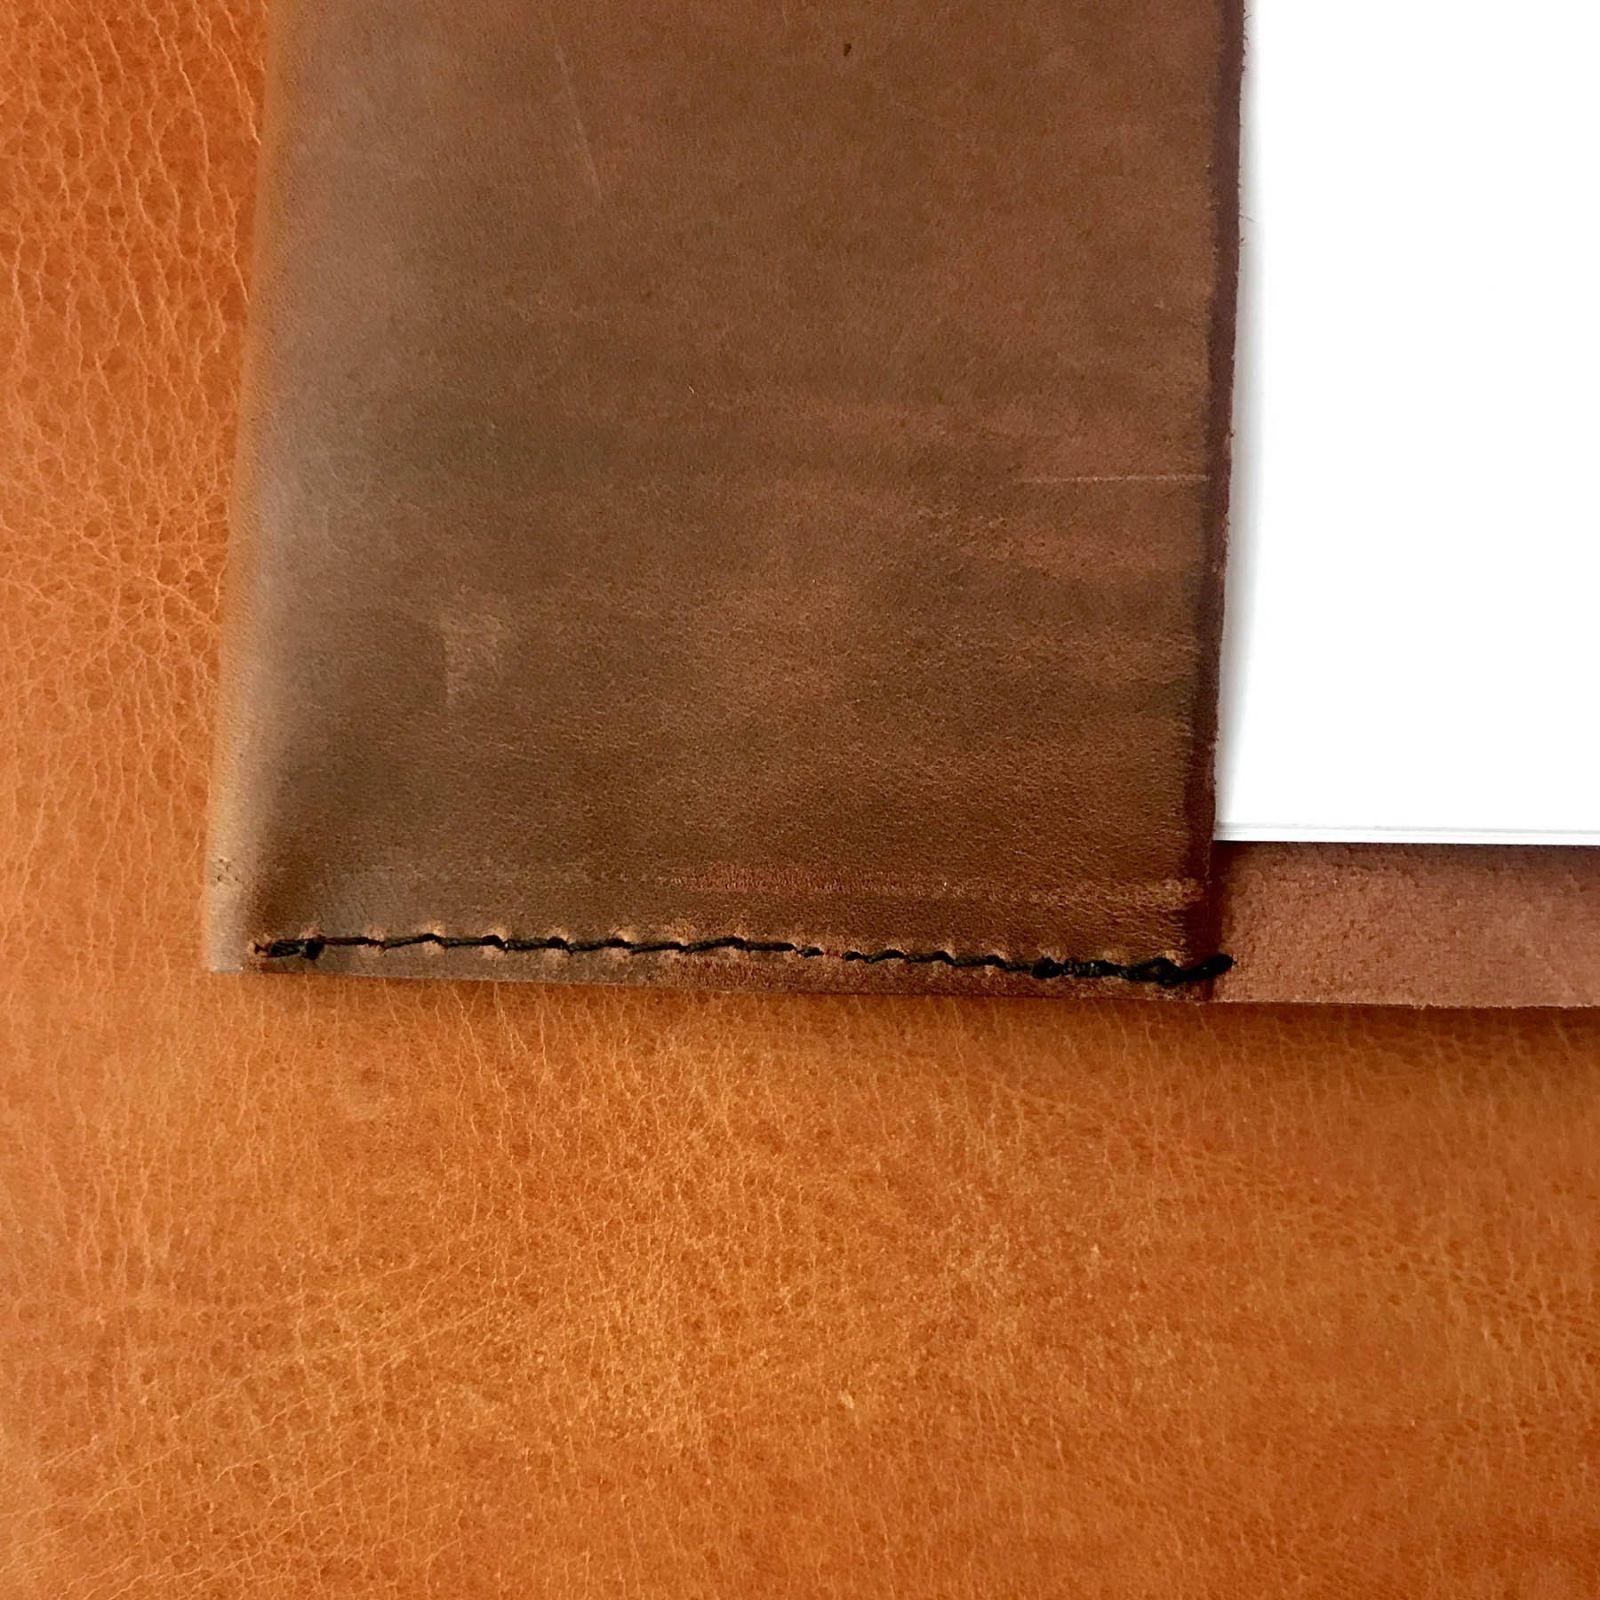 odine uzrasine dienorastis sketchbook gimtadienio dovanos vyrams sukaktuviu dovanu idejos vyrui dizaineriui programuotojui menininkui muzikantui darbo knyga 4